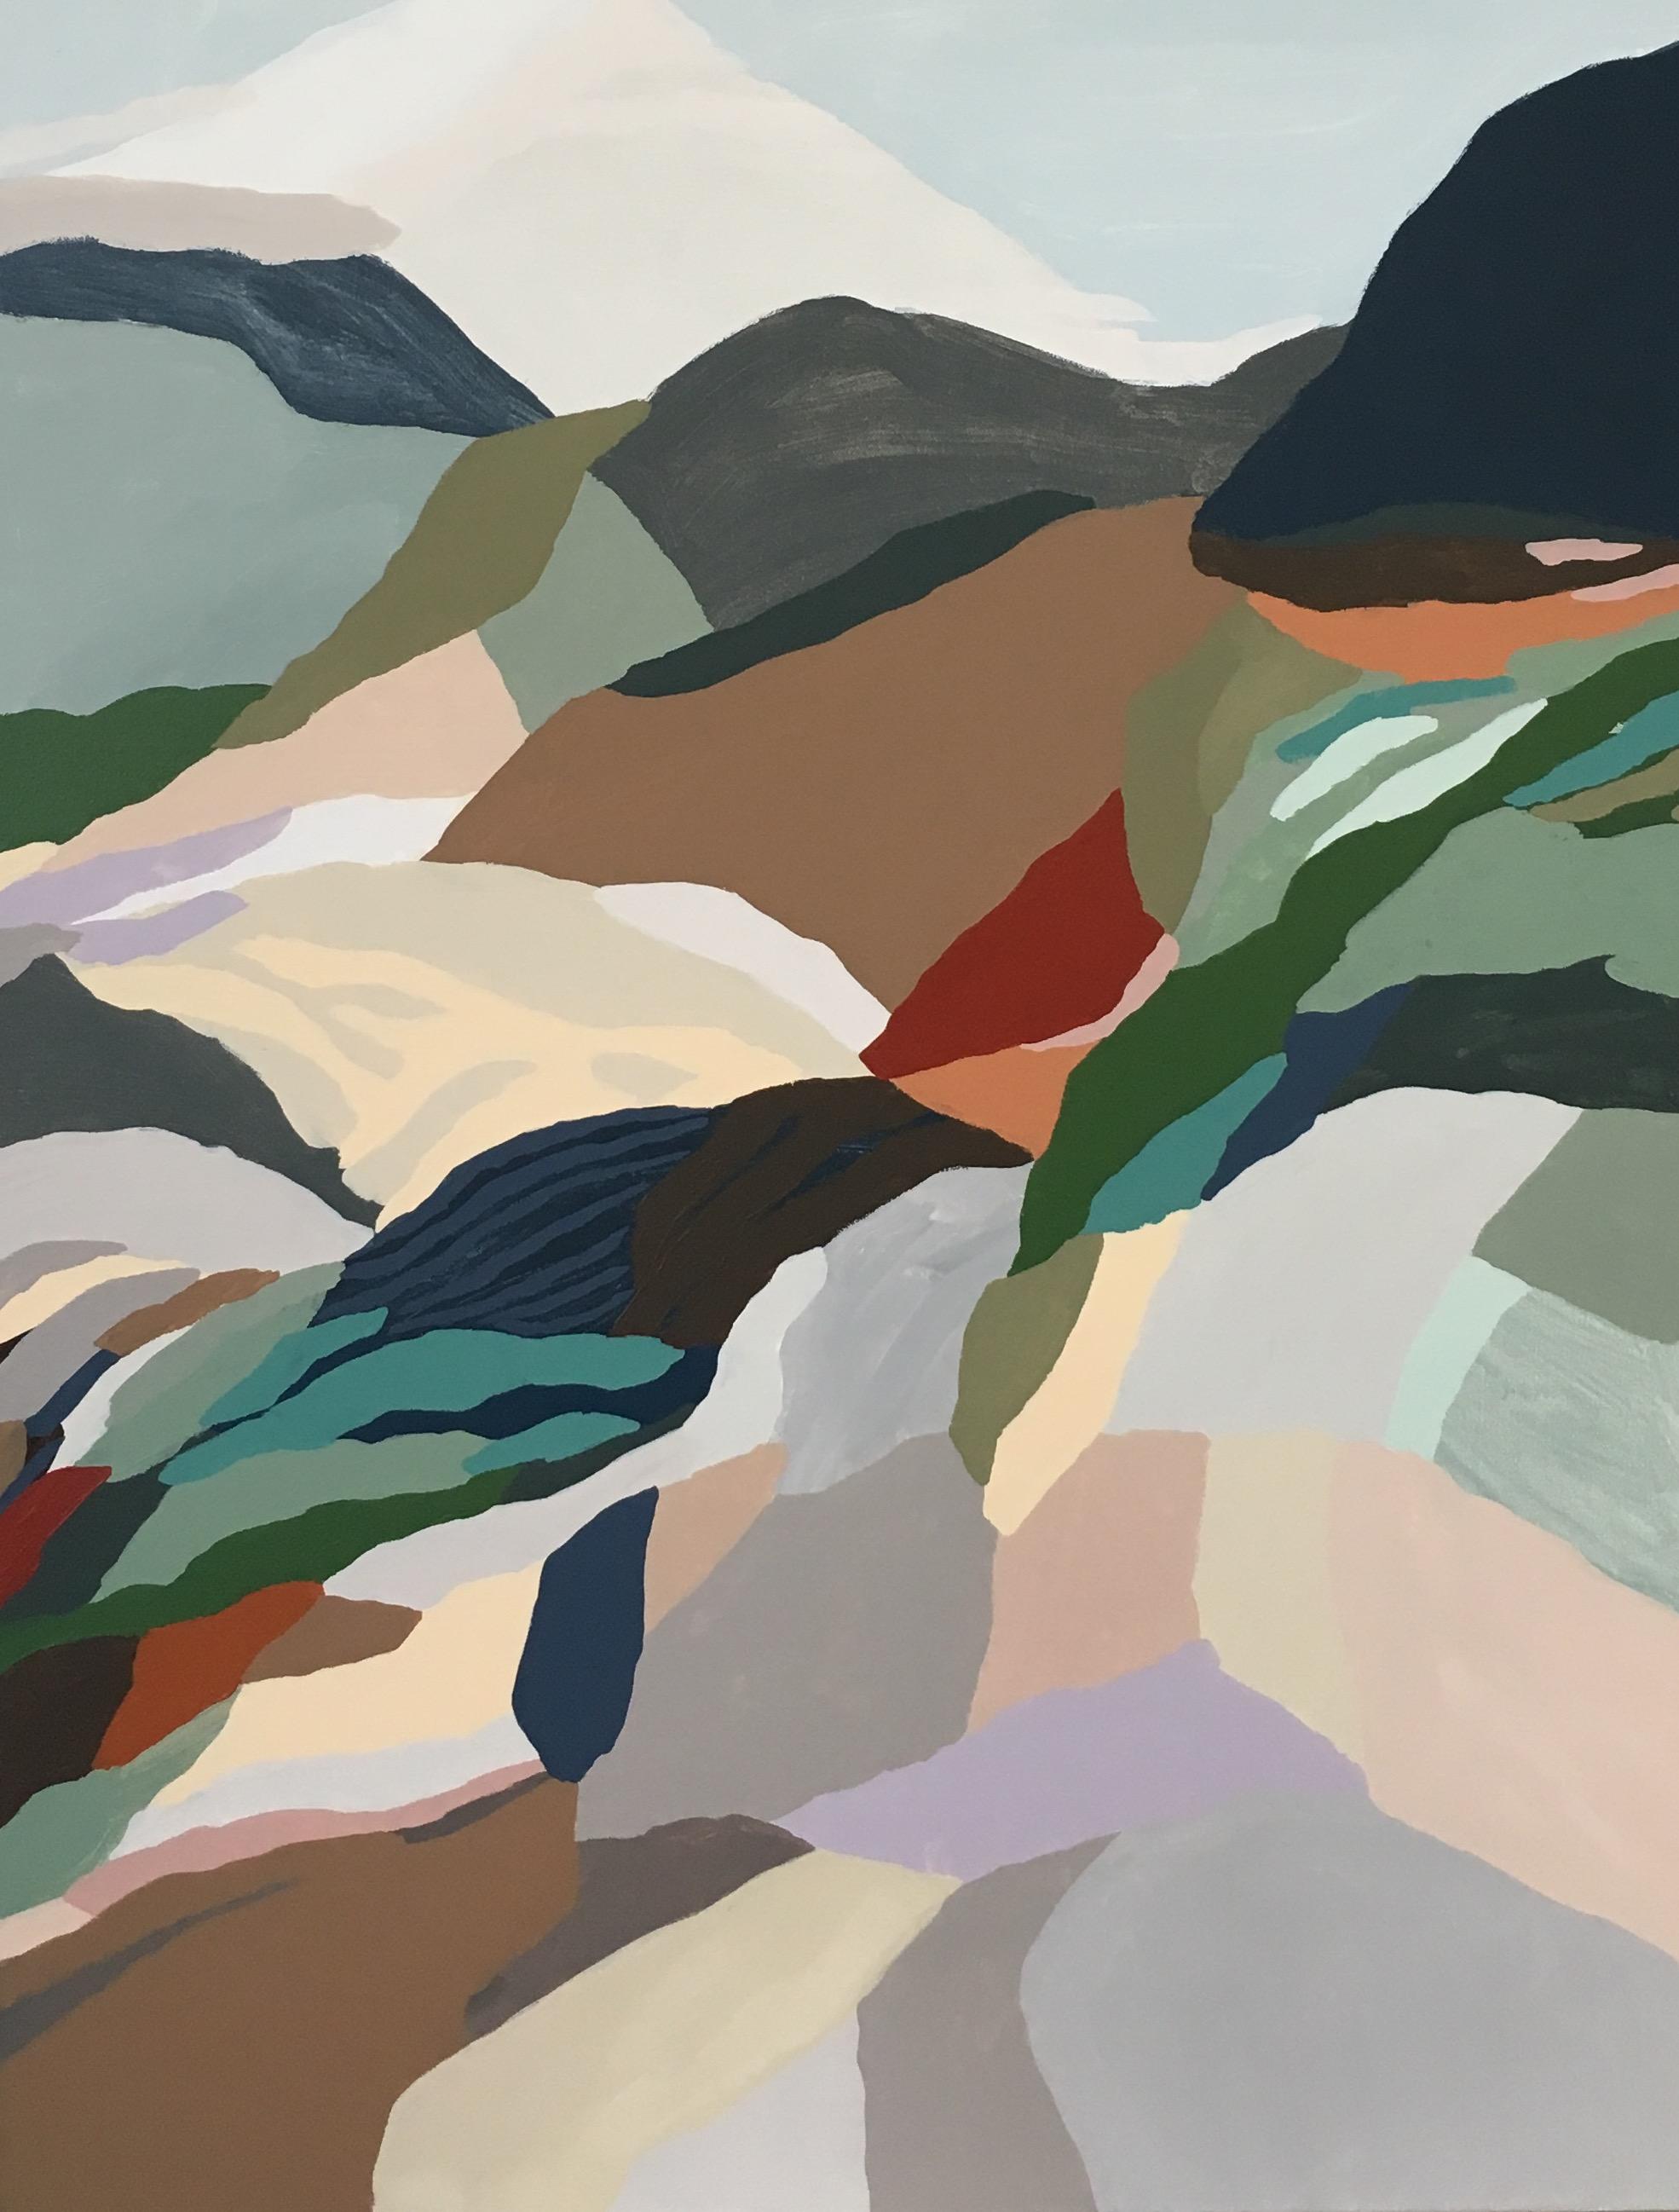 Bush Trails, acrylic on canvas, 2018